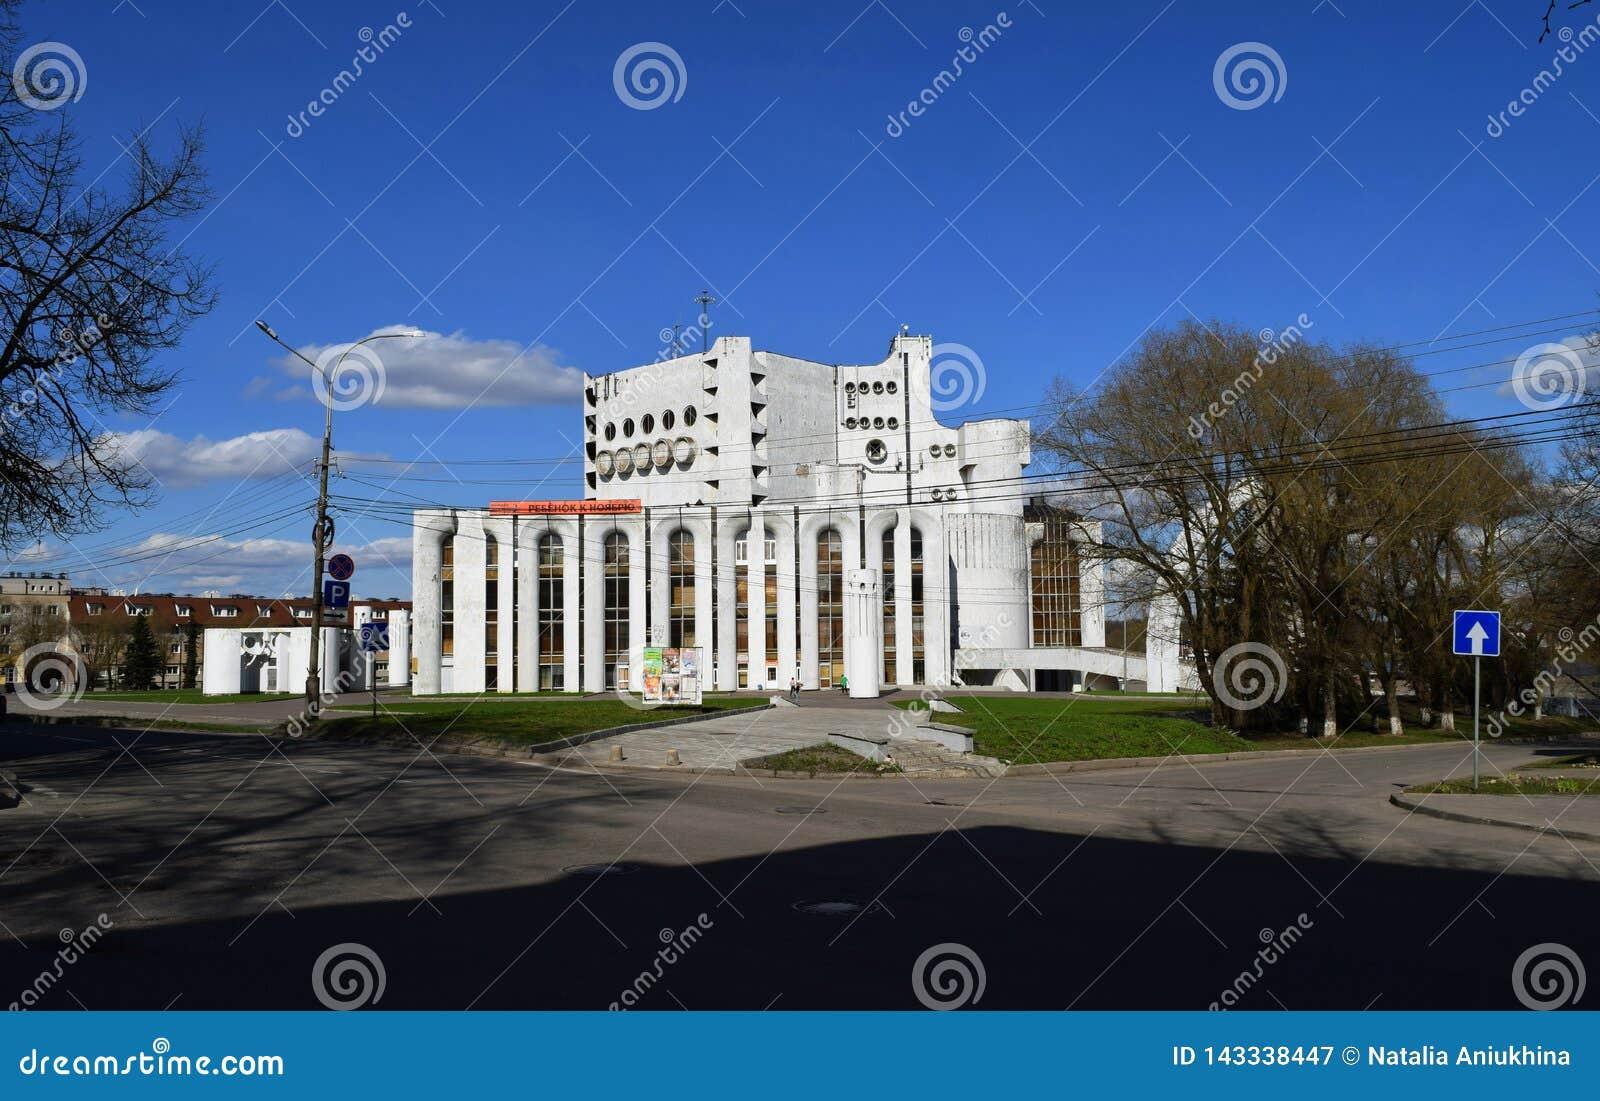 Teatro nombrado después de Fyodor Dostoevsky en el monumento de Veliky Novgorod Rusia de la arquitectura soviética